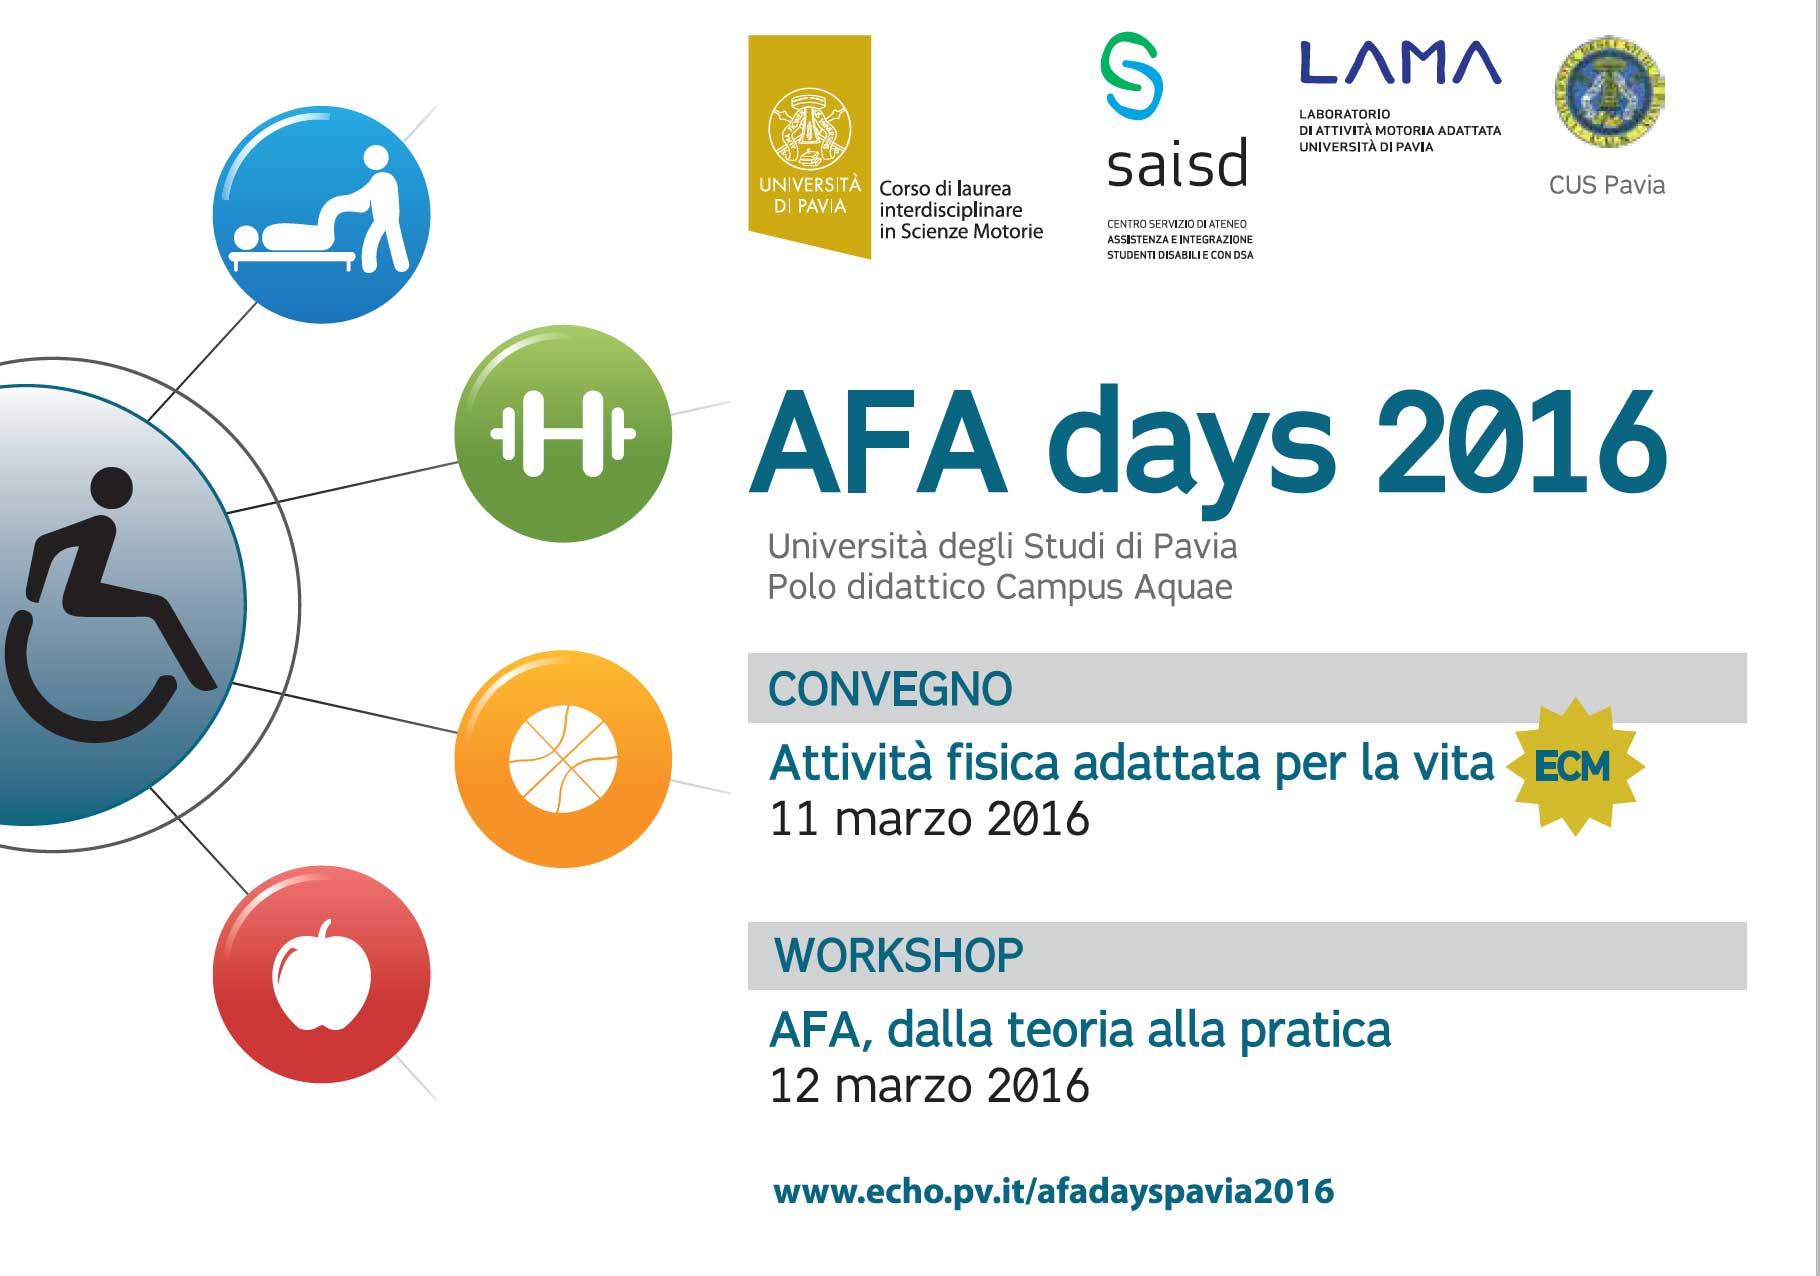 AFA DAYS 2016